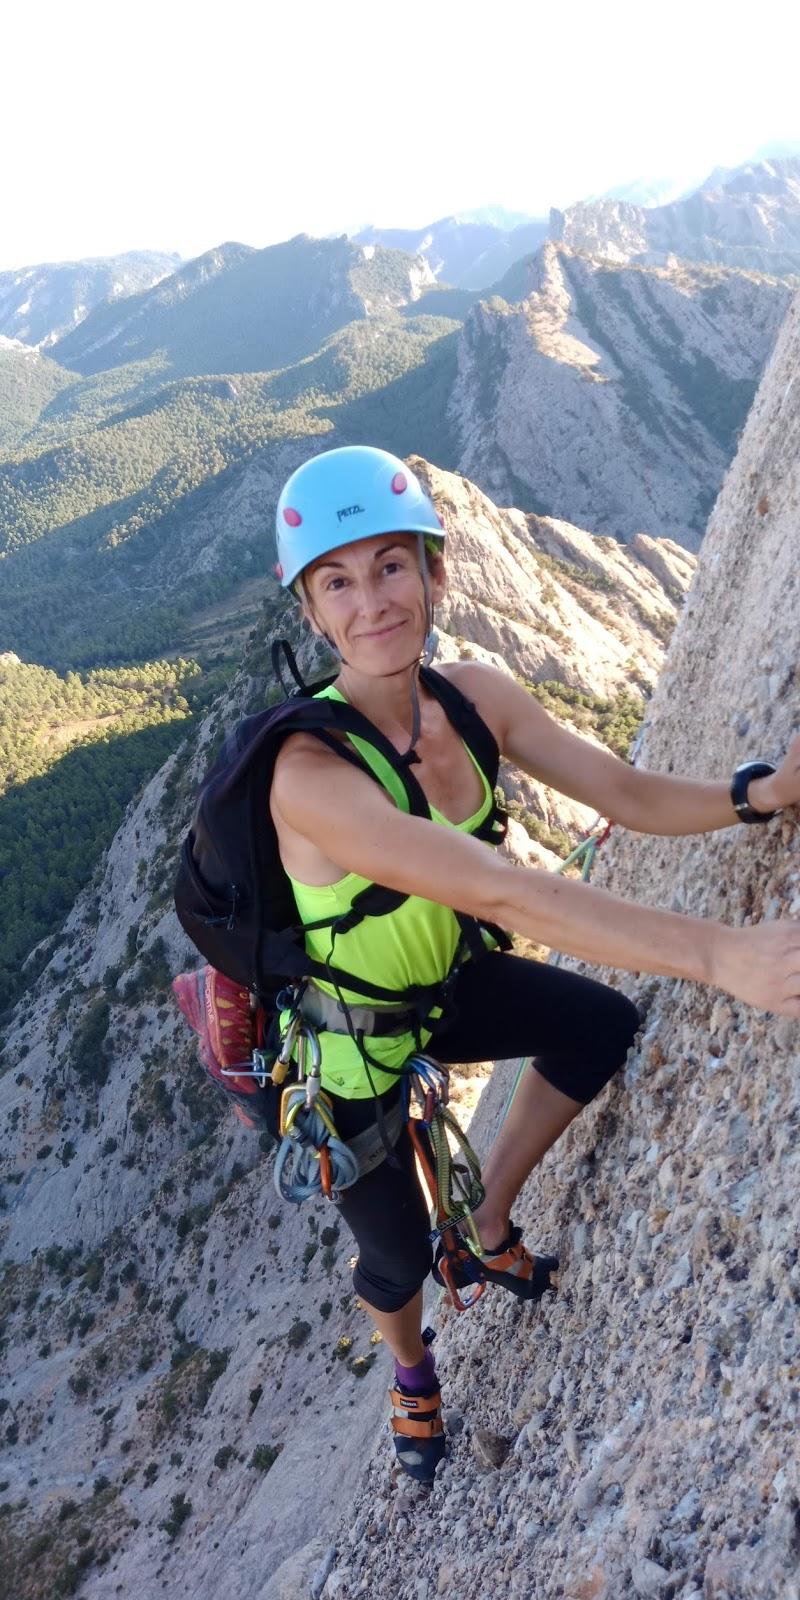 Ilda Vico, instructora de marxa nòrdica i excursionisme.